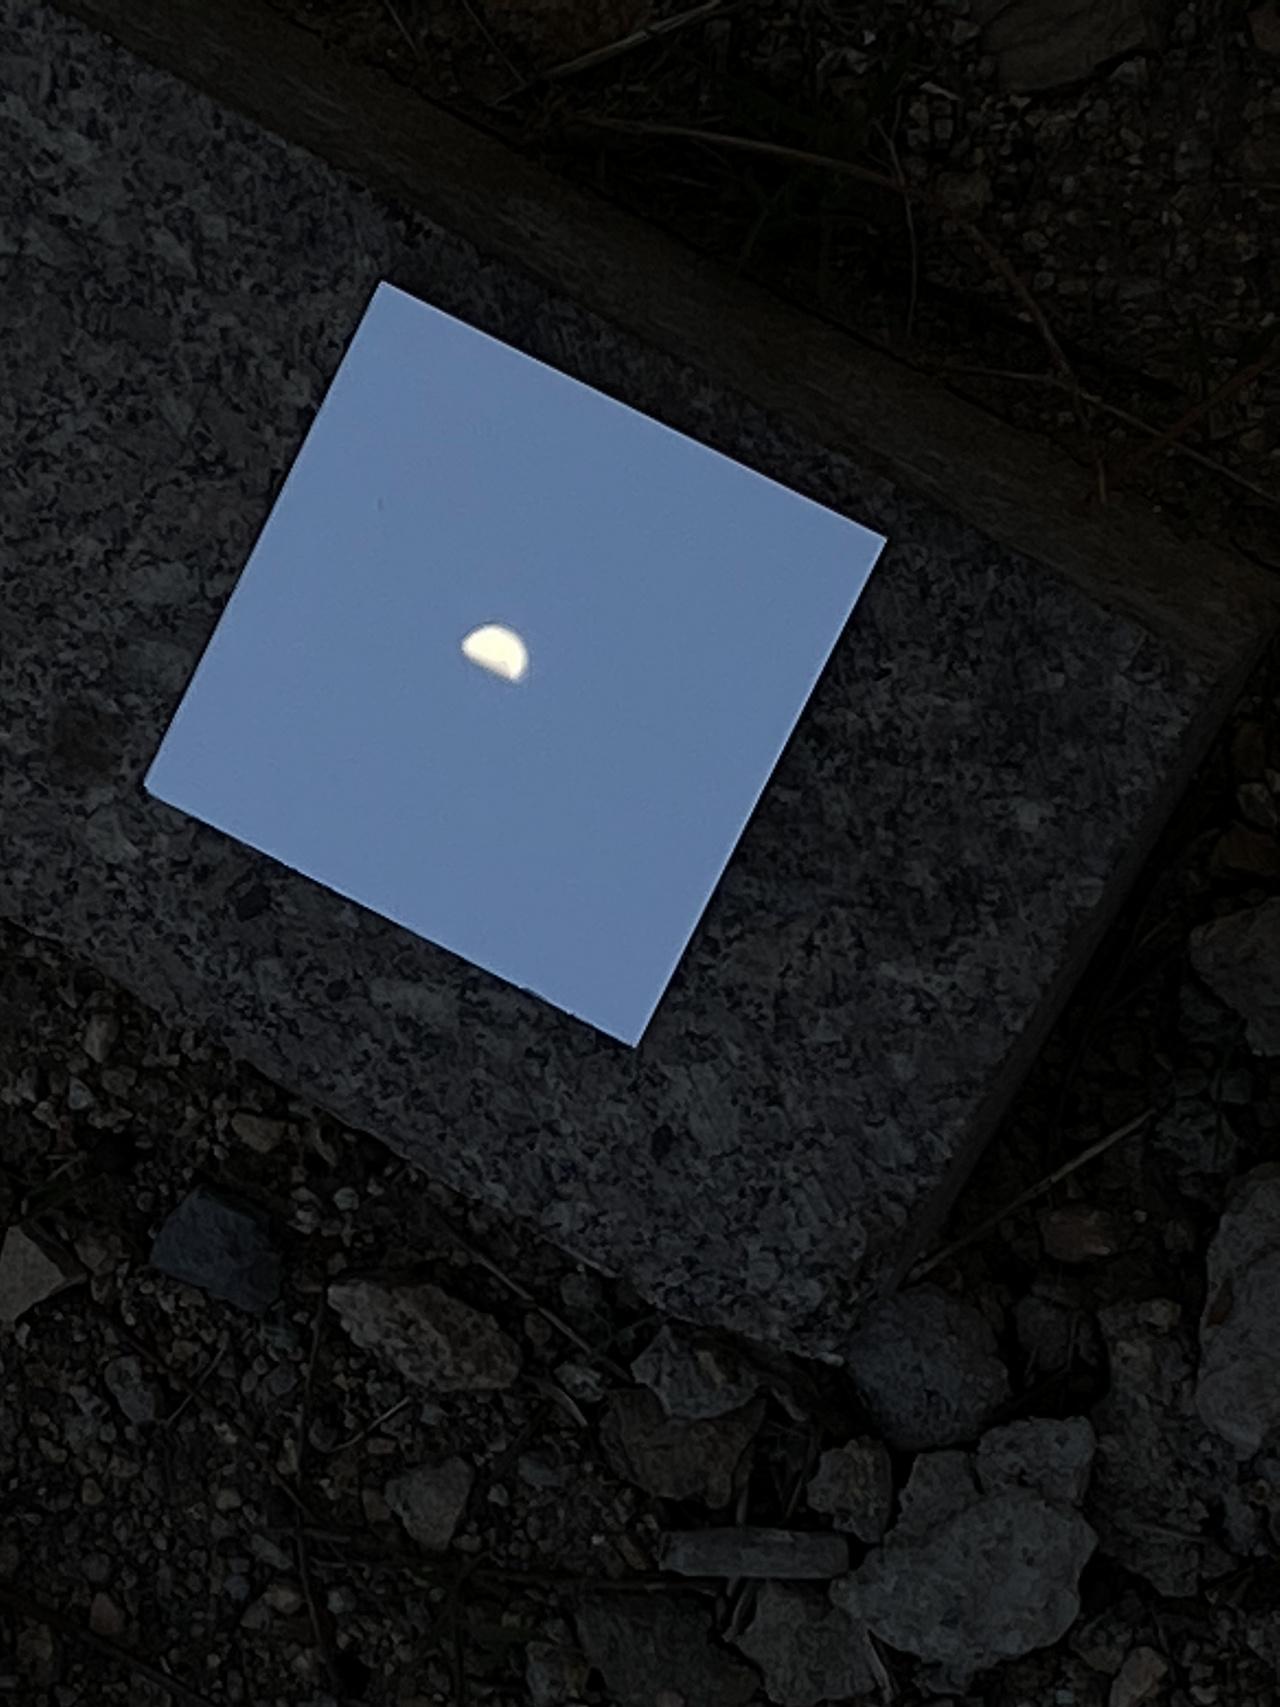 嘿,抬头! 别辜负了月亮🌙